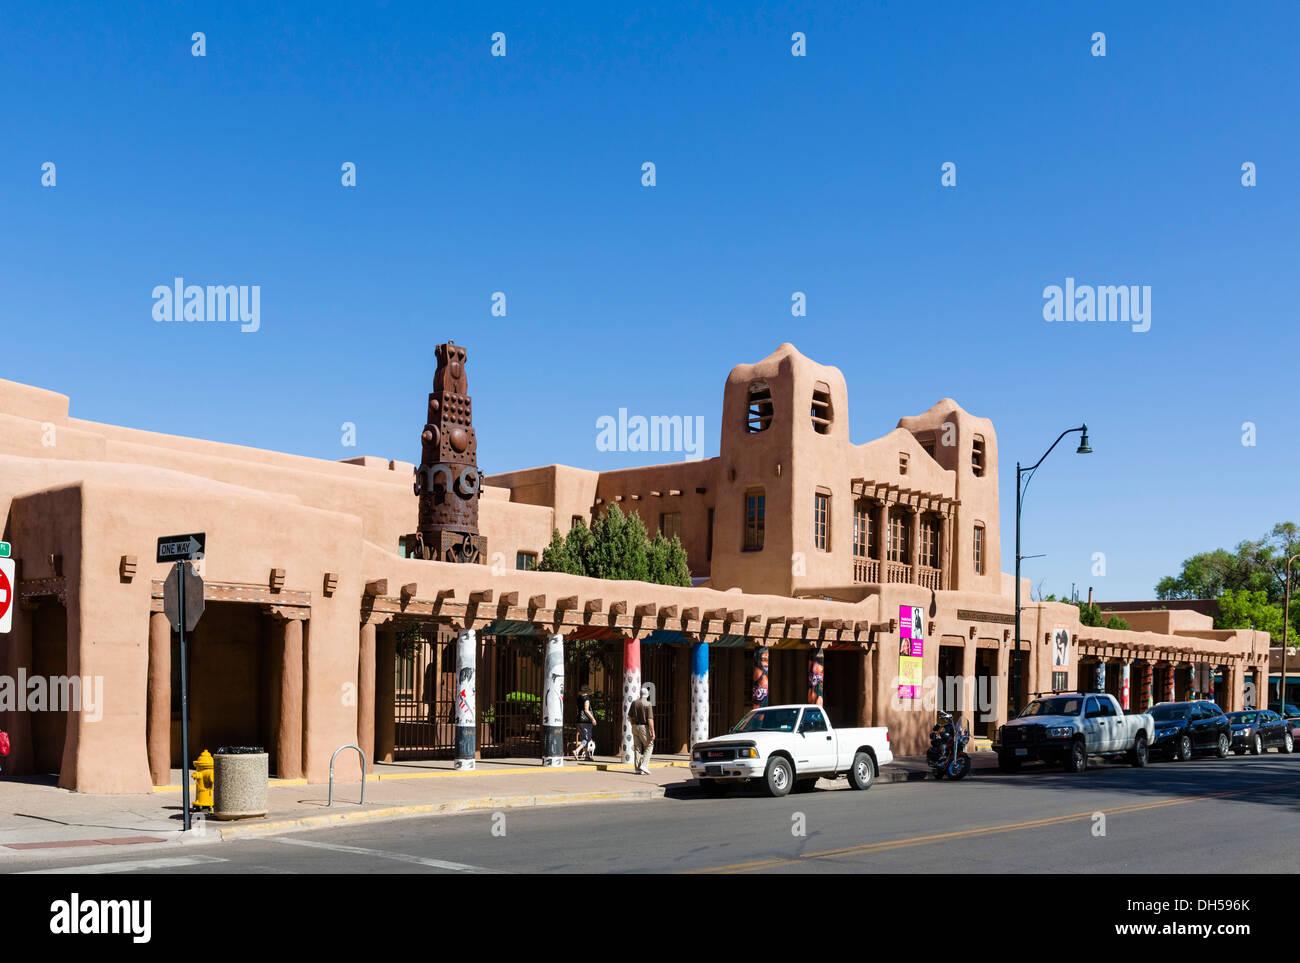 Santa Fe Museum of Contemporary Arts autochtones, Place de la Cathédrale, Santa Fe, New Mexico, USA Banque D'Images